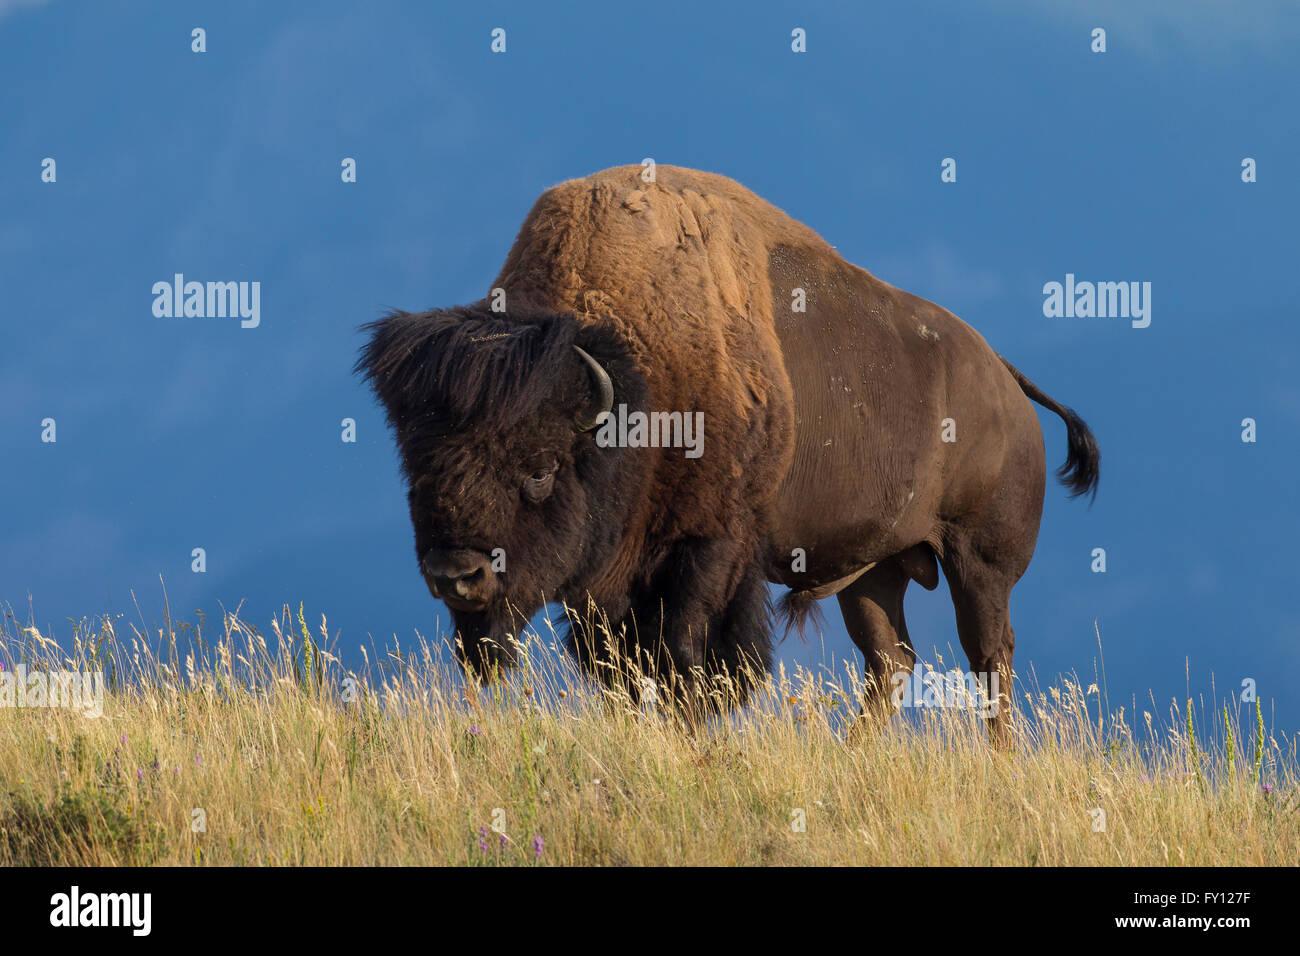 Bison d'Amérique / American bison (Bison bison) bull en été, Waterton Lakes National Park, Alberta, Canada Banque D'Images